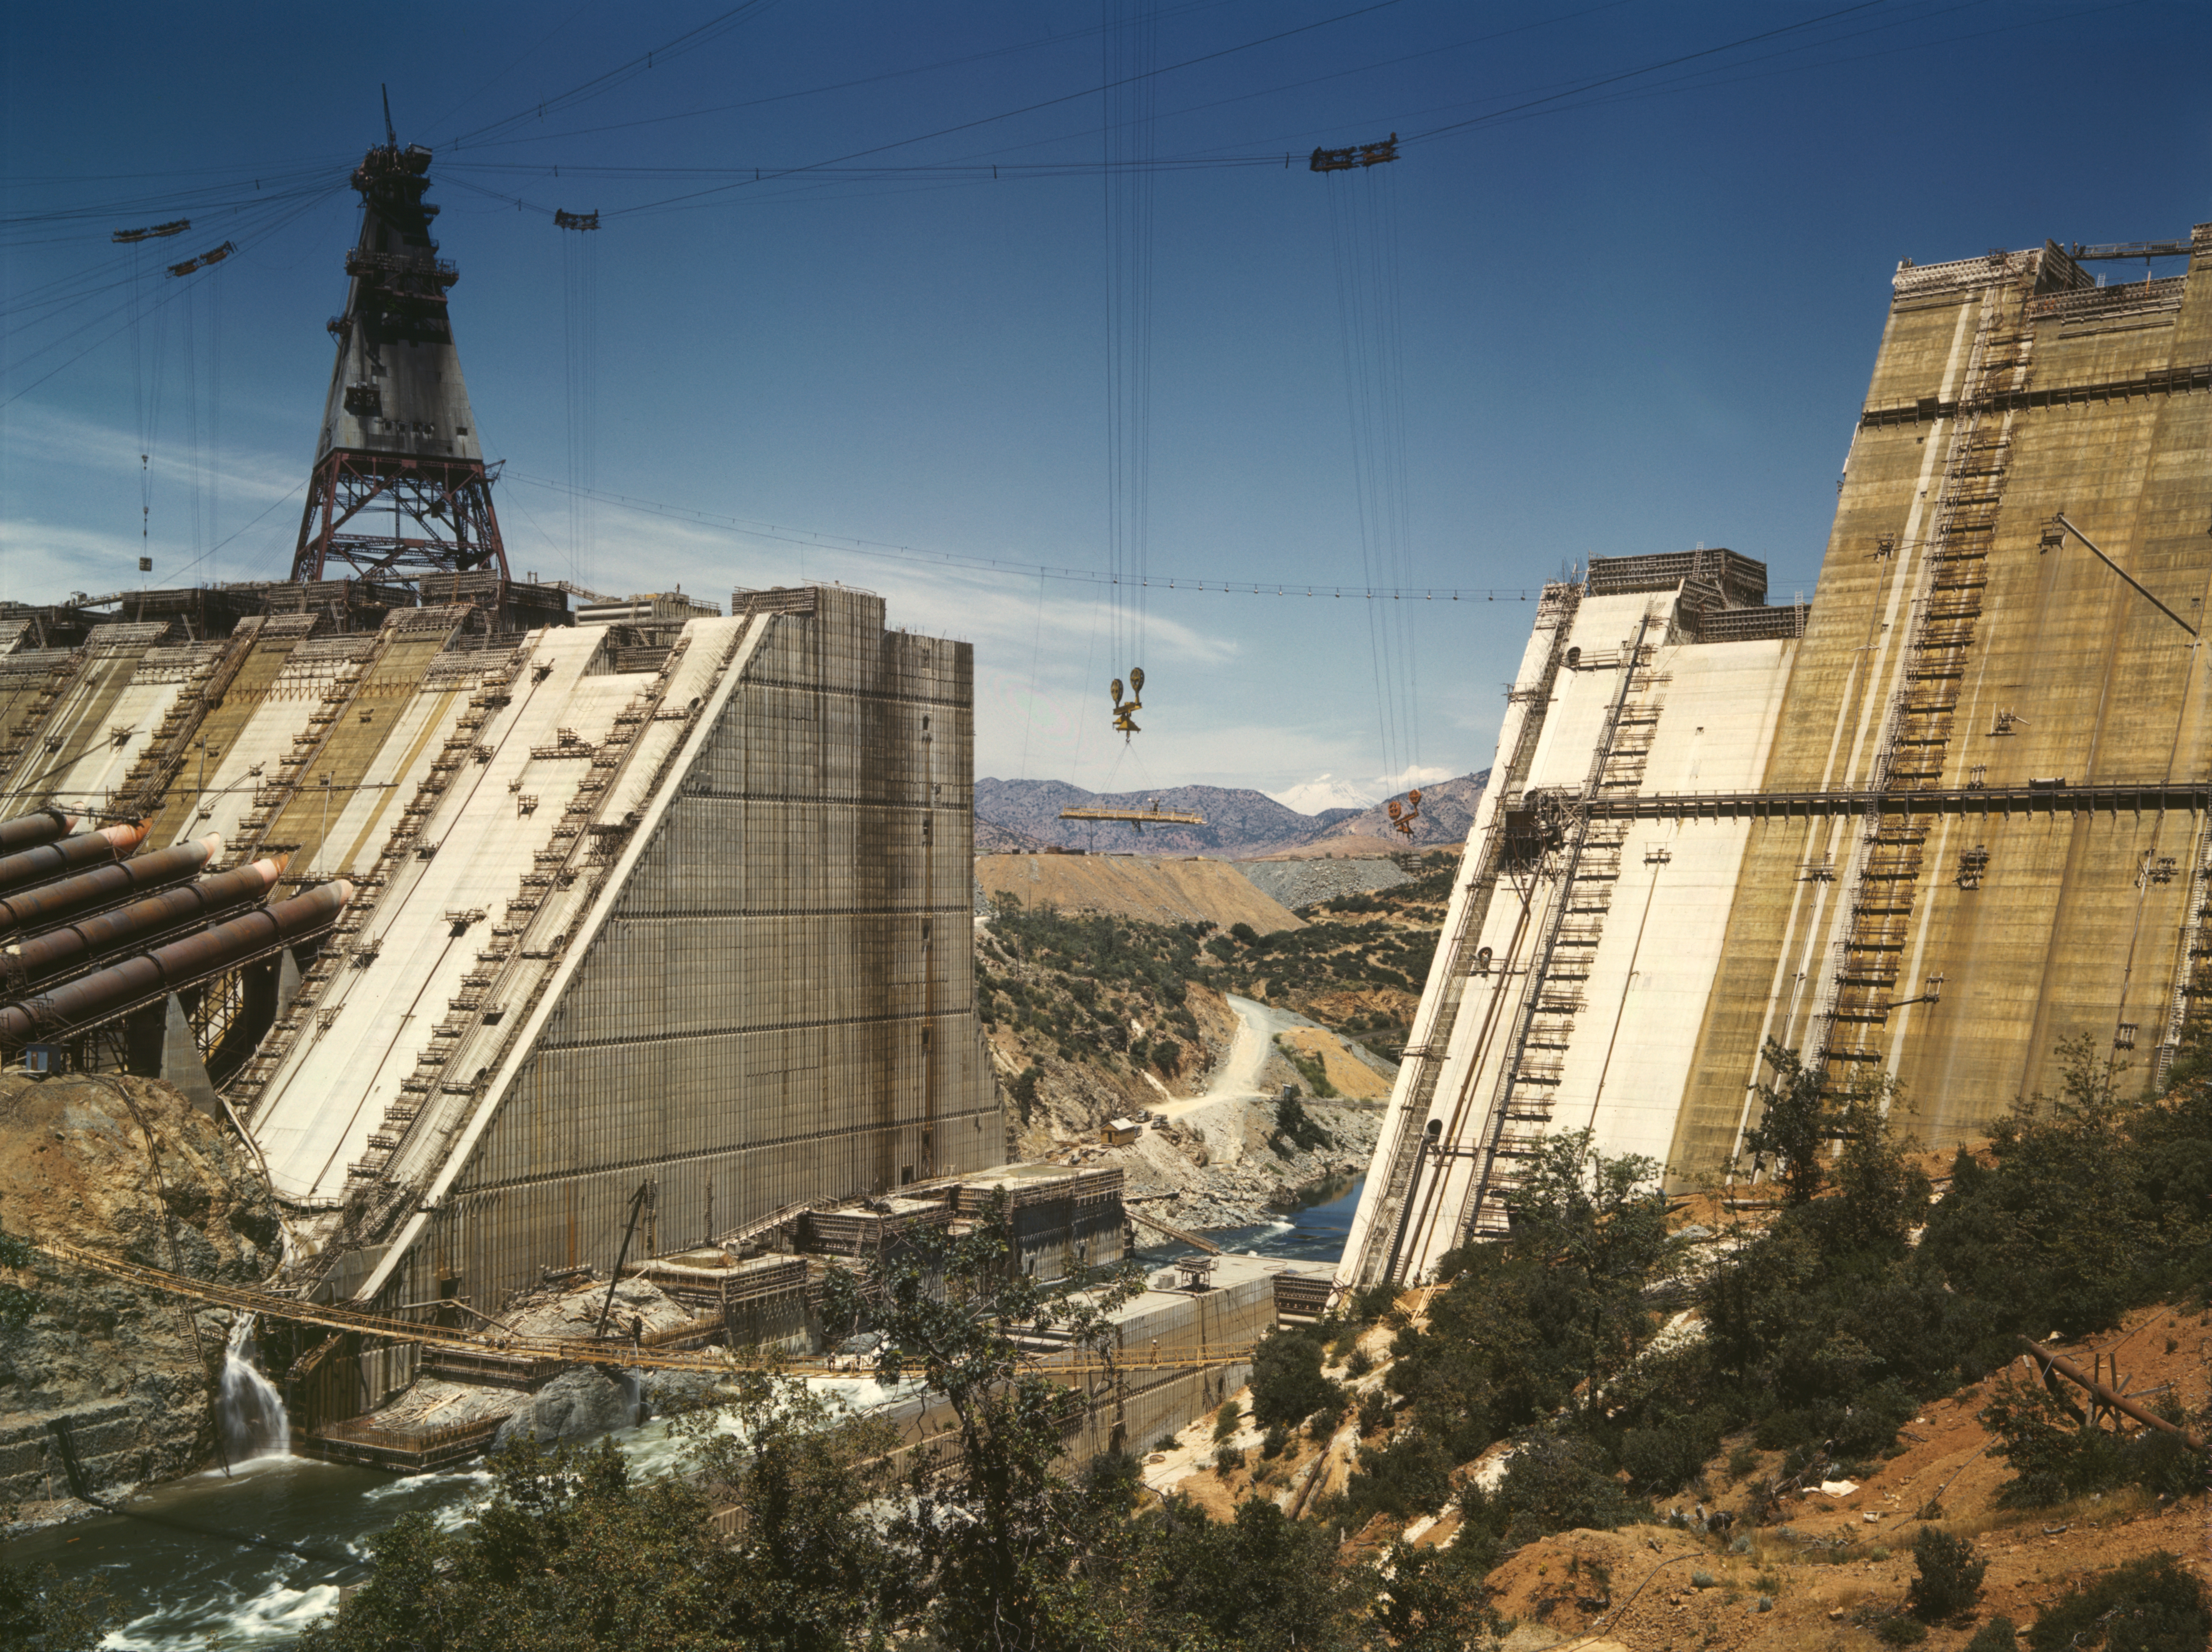 Construction work on Shasta Dam in June 1942